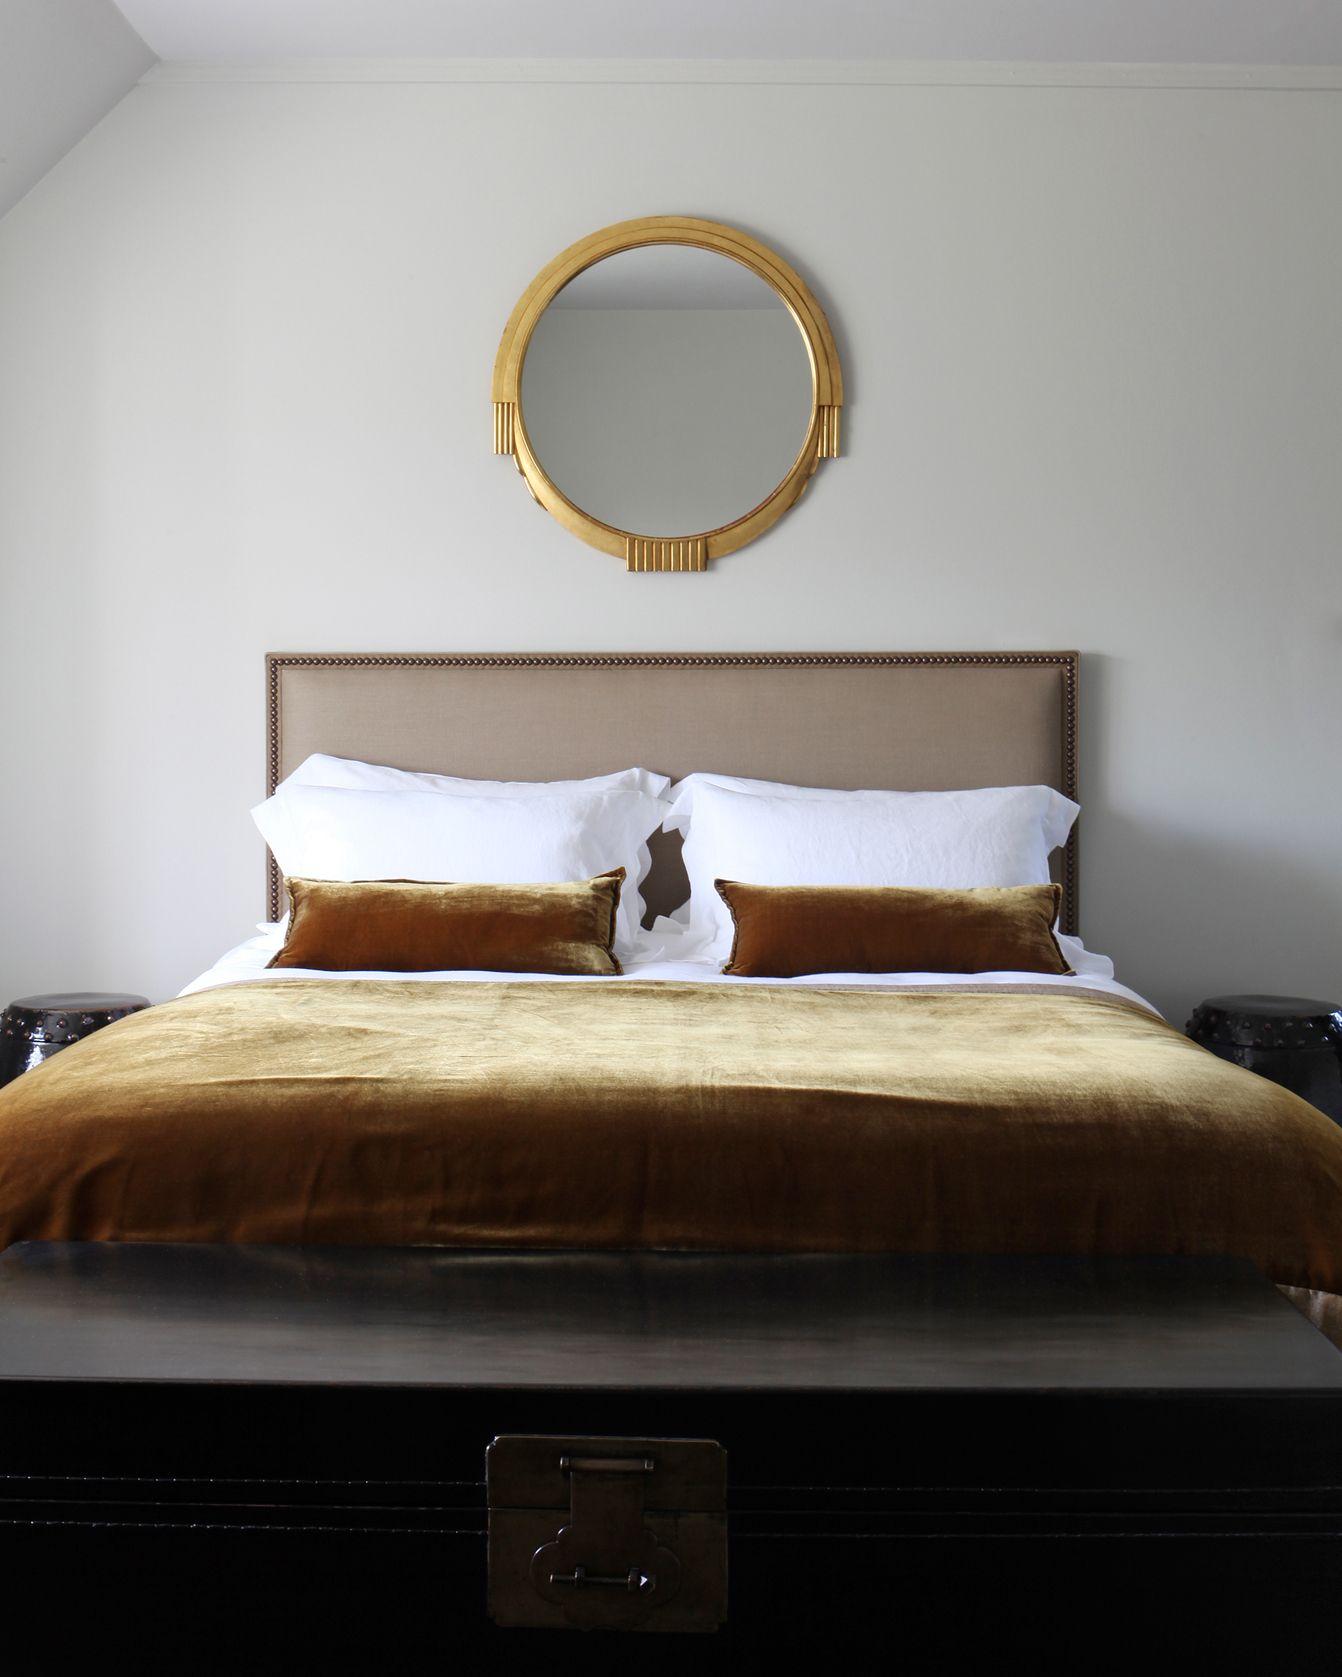 3d Design Bedroom Art Deco: J O H N . M I N S H A W . D E S I G N S